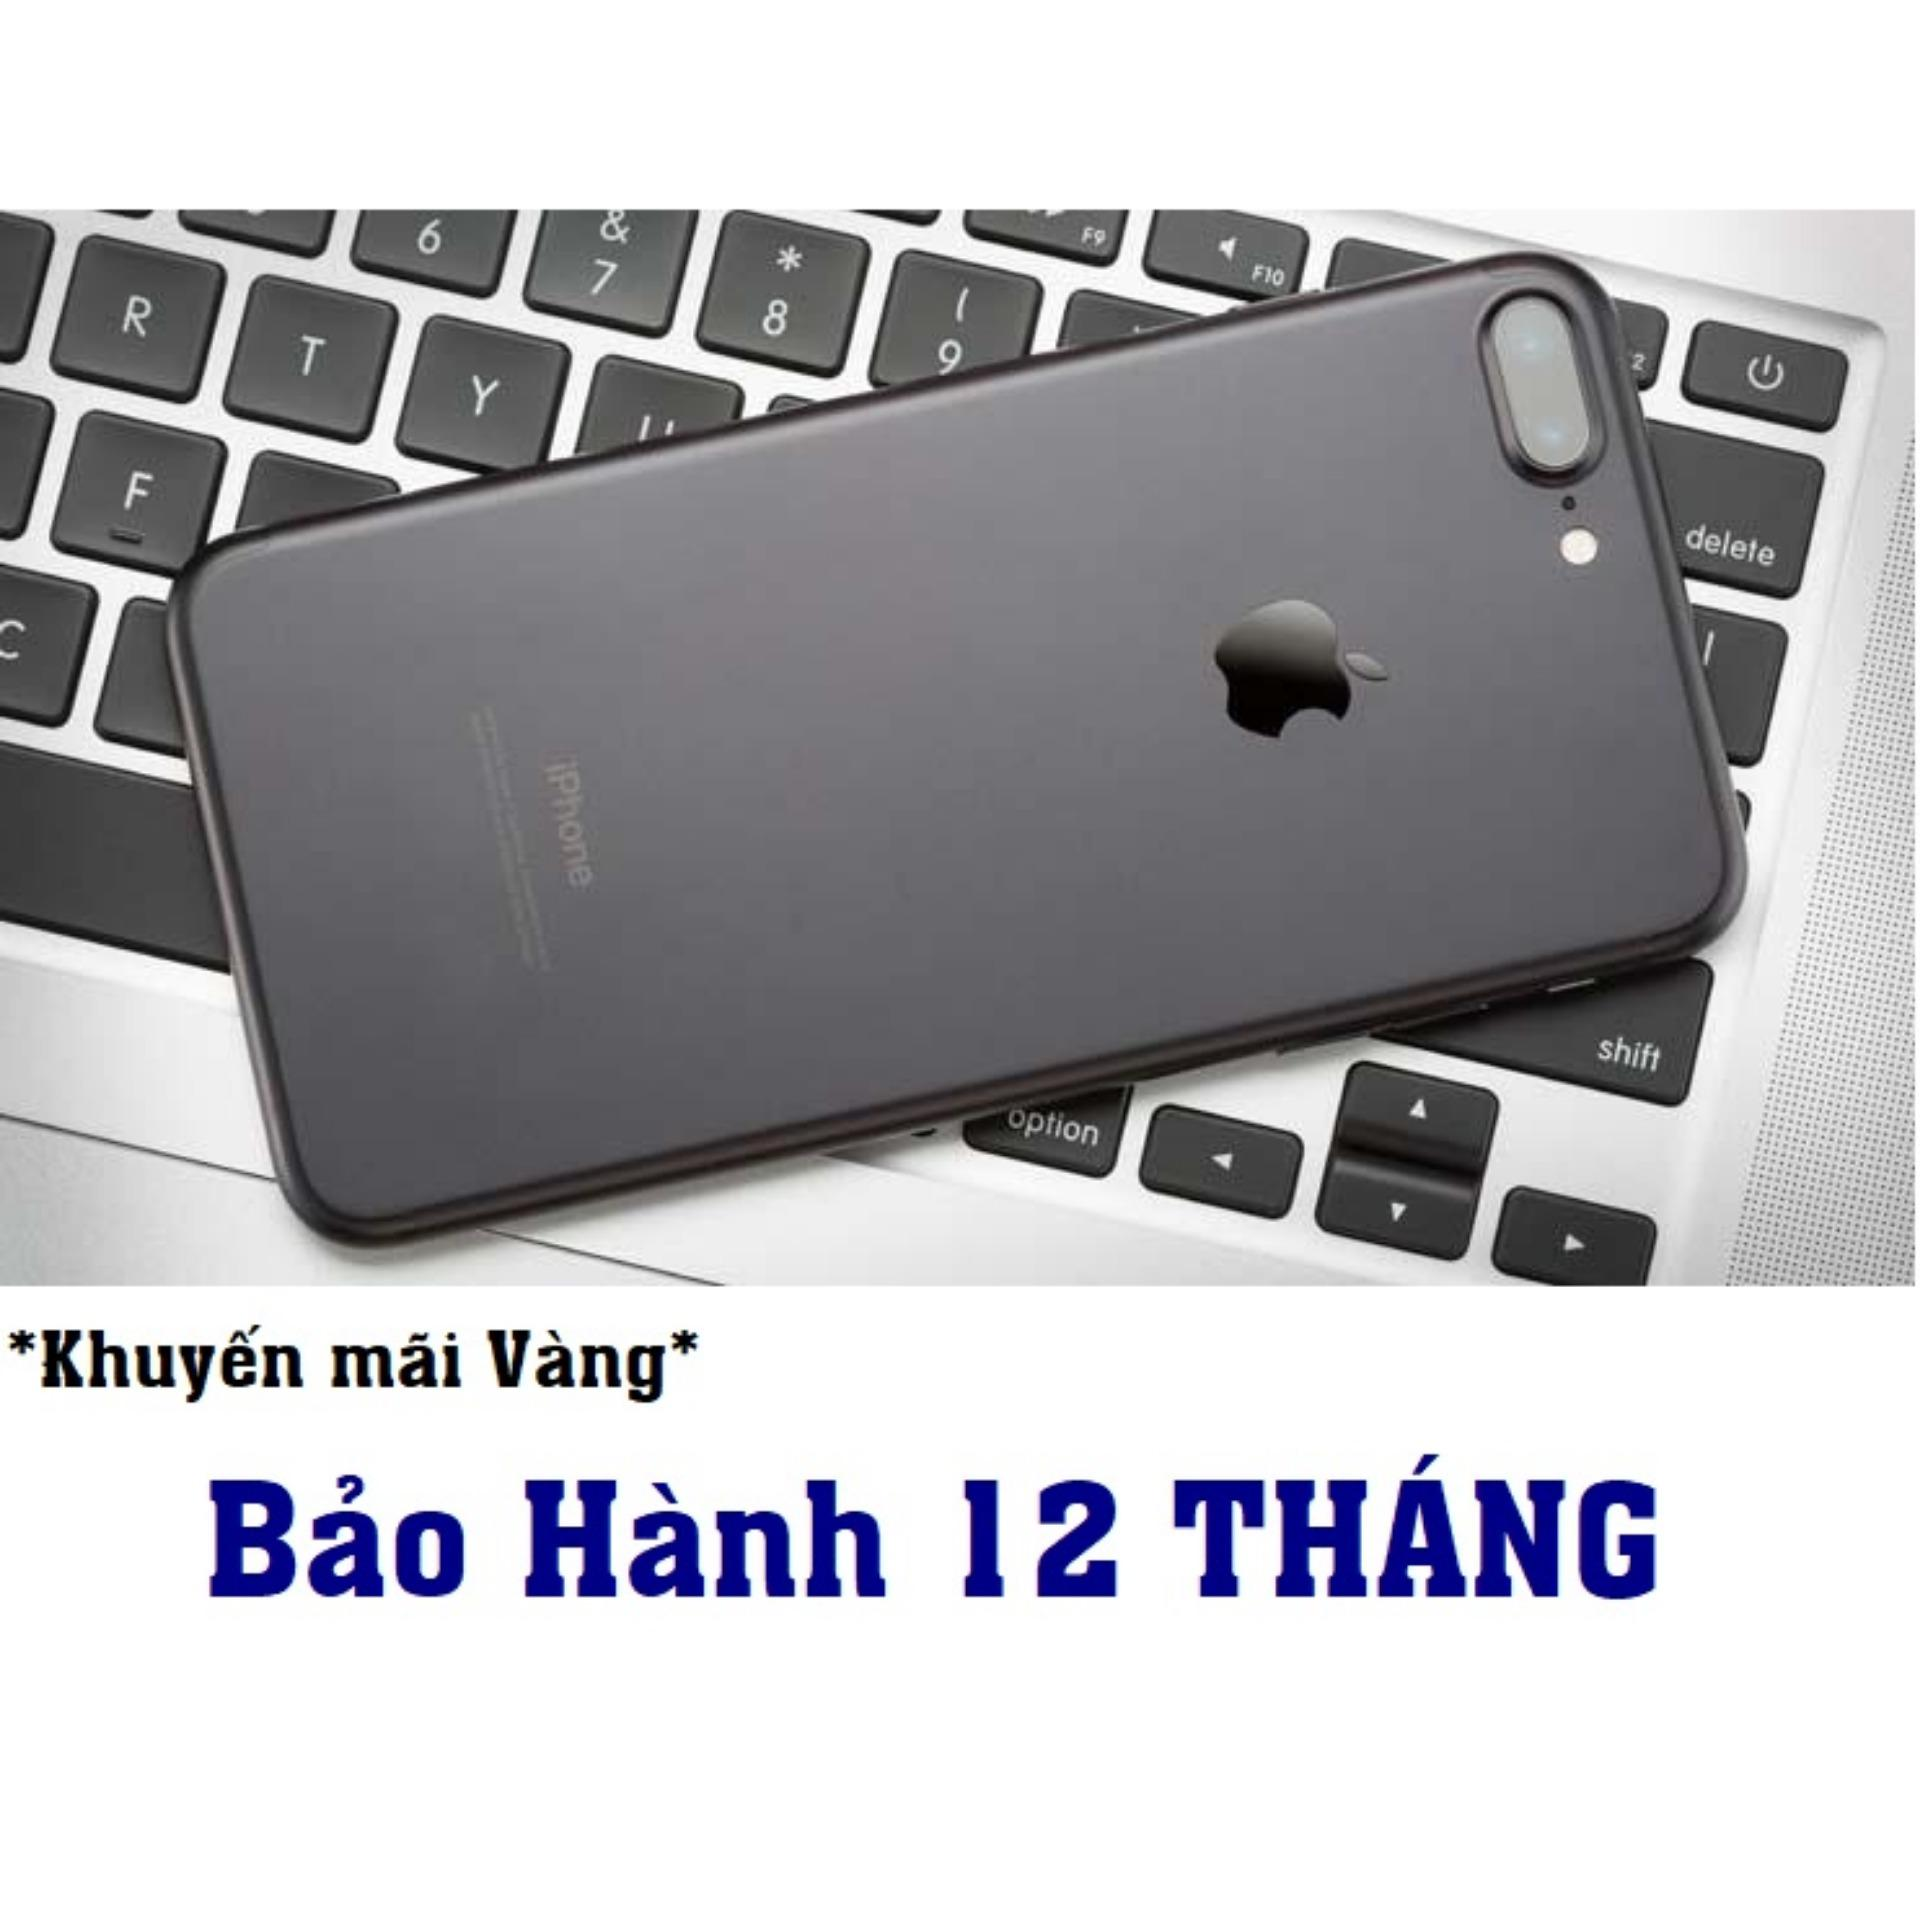 Đánh giá Iphone 7 Plus + 32 GB + Hàng Nhập Khẩu Tại THINHMOBILE – Cở Sở Đà Nẵng